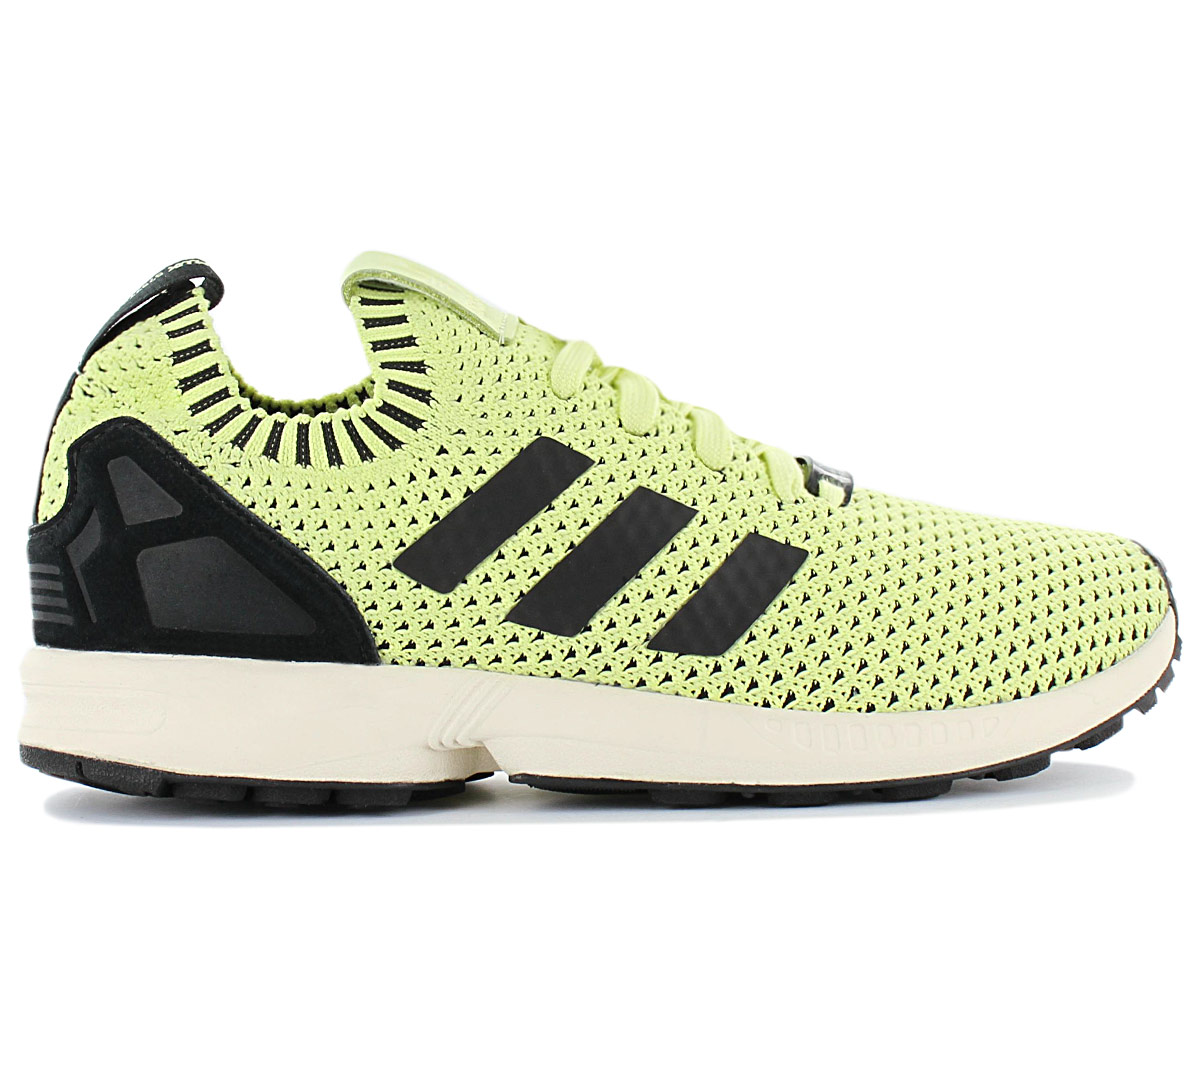 Details about Adidas Originals Zx Flux Pk Primeknit Sneaker S75975 Yellow Black Shoes New